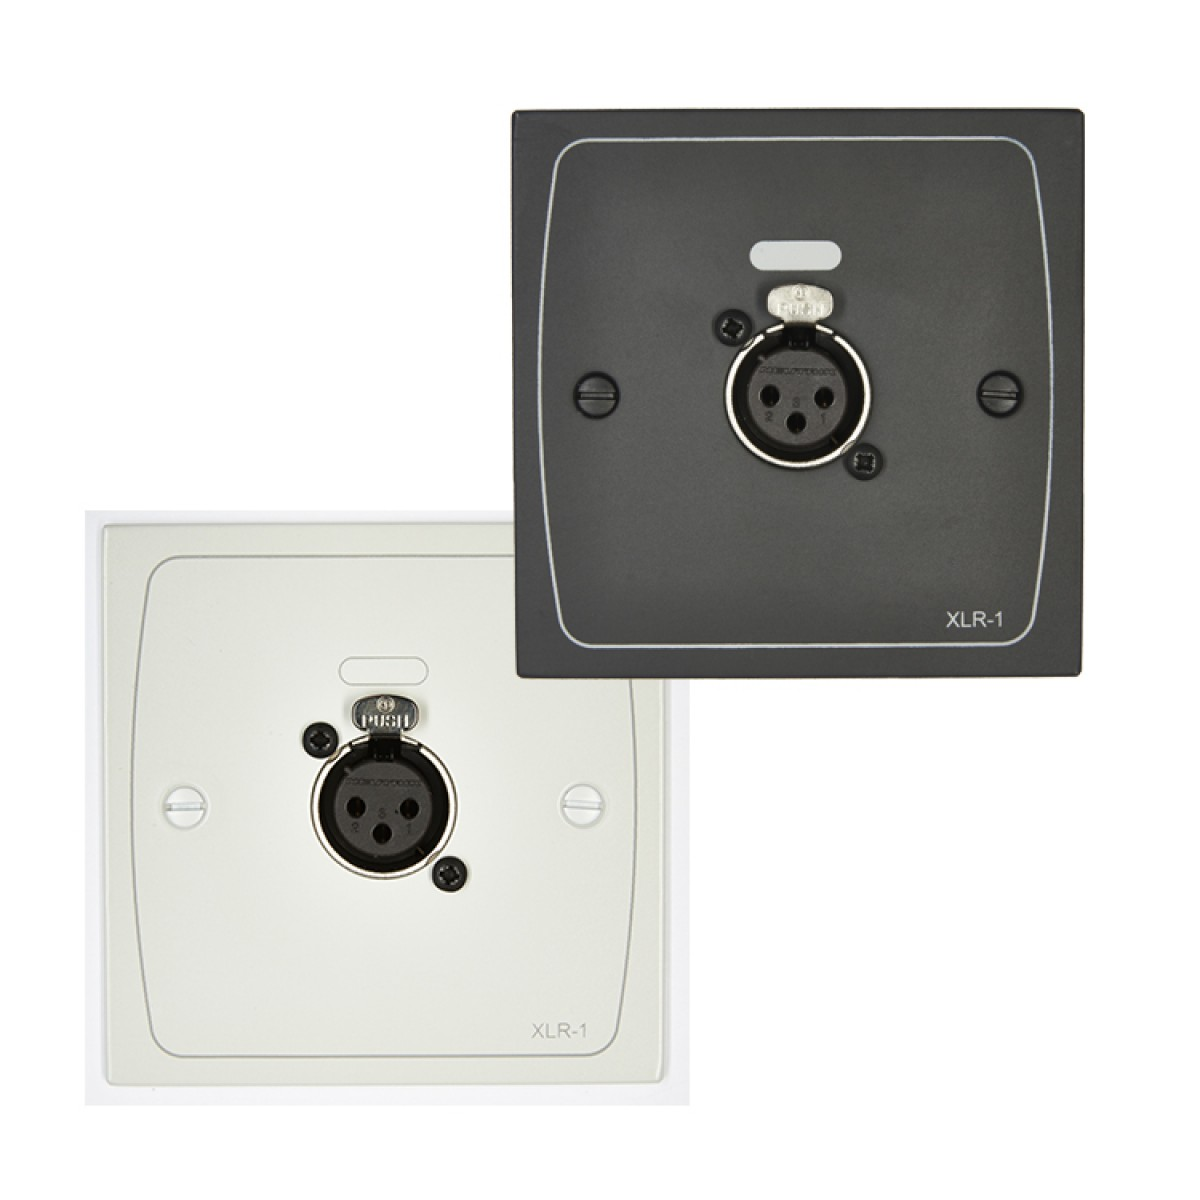 XLR-F1W & XLR-F1B XLR Input Module - White / Black - Female